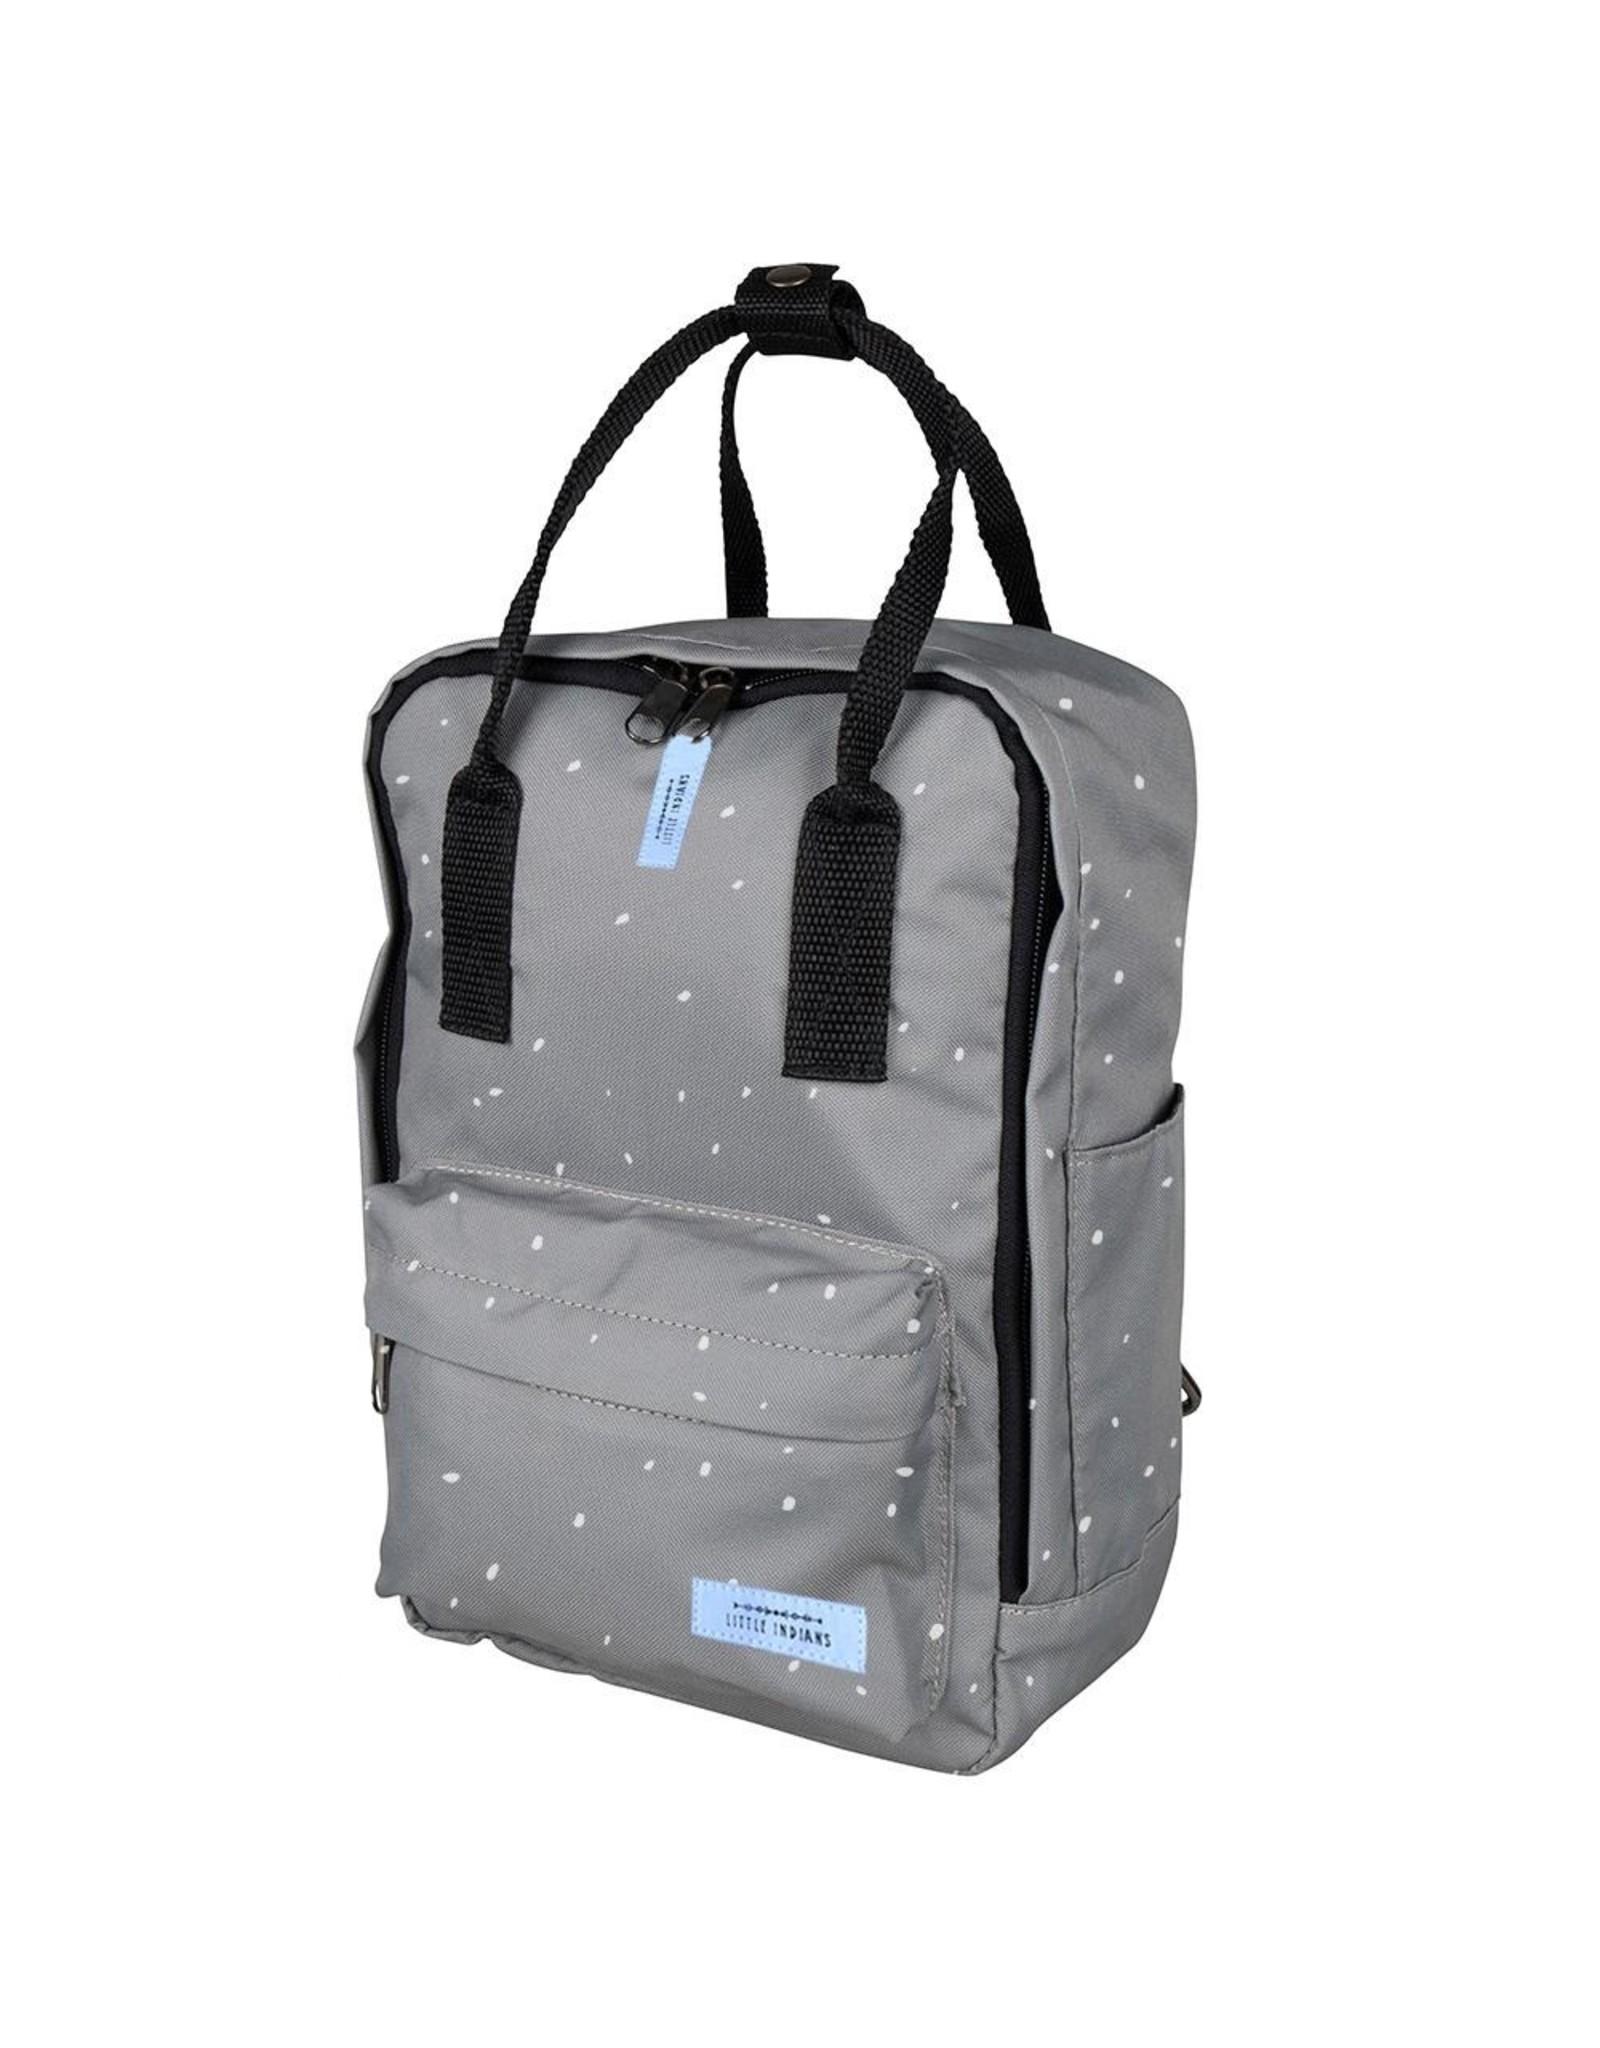 Little Indians Backpack - Dots Sponge - Big